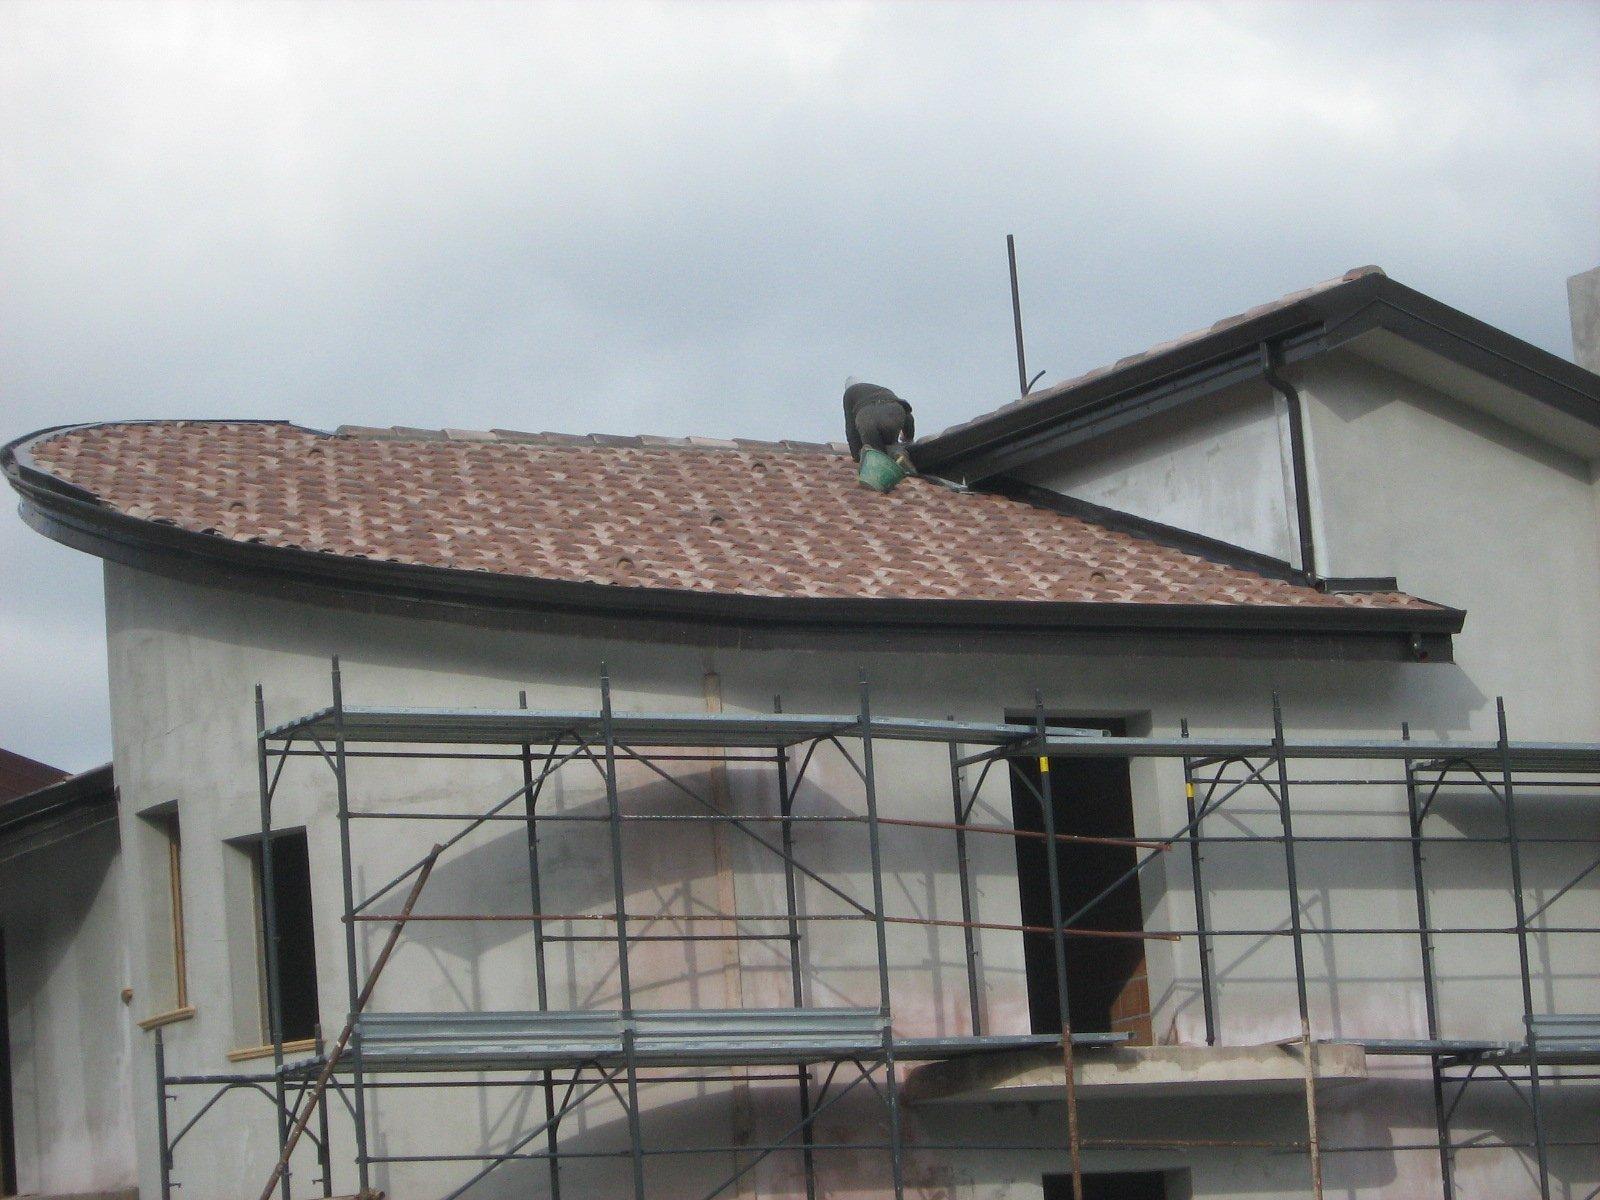 operaio sul tetto esegue un lavoro di ristrutturazione